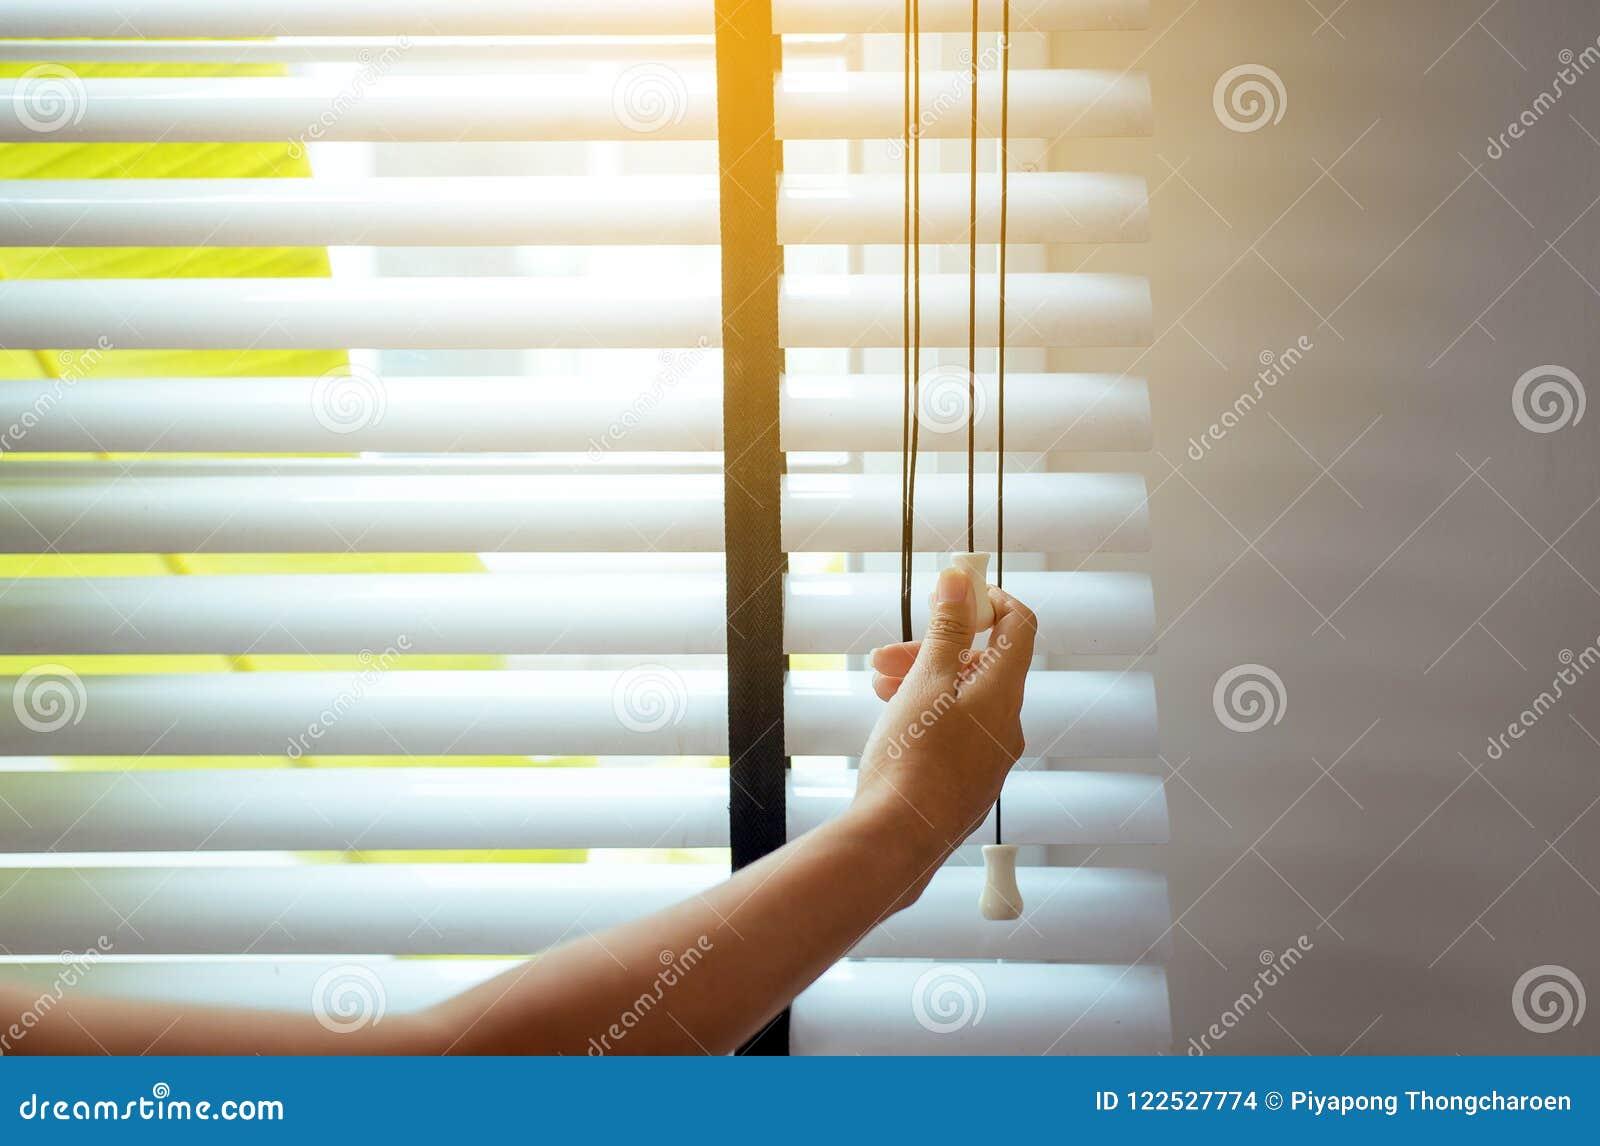 A abertura da mulher da mão cega a janela na sala de visitas para obter a luz solar